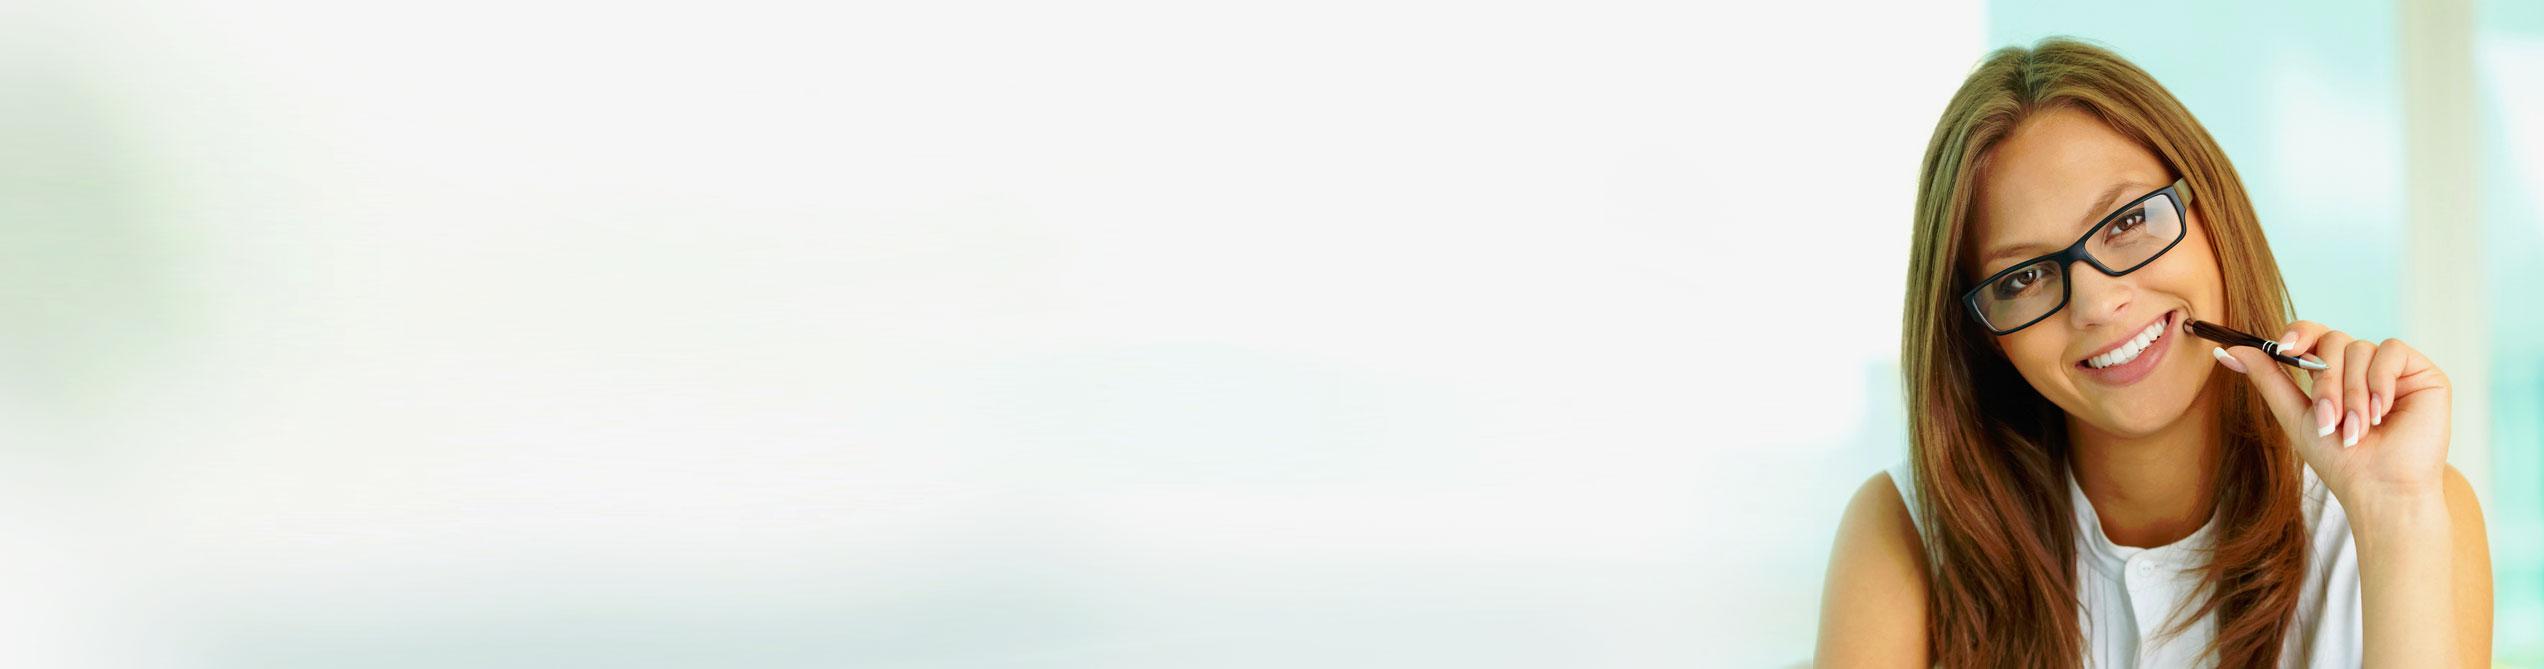 Steuerberater-start-up ecommerce Düsseldorf Buchhaltung Steuern